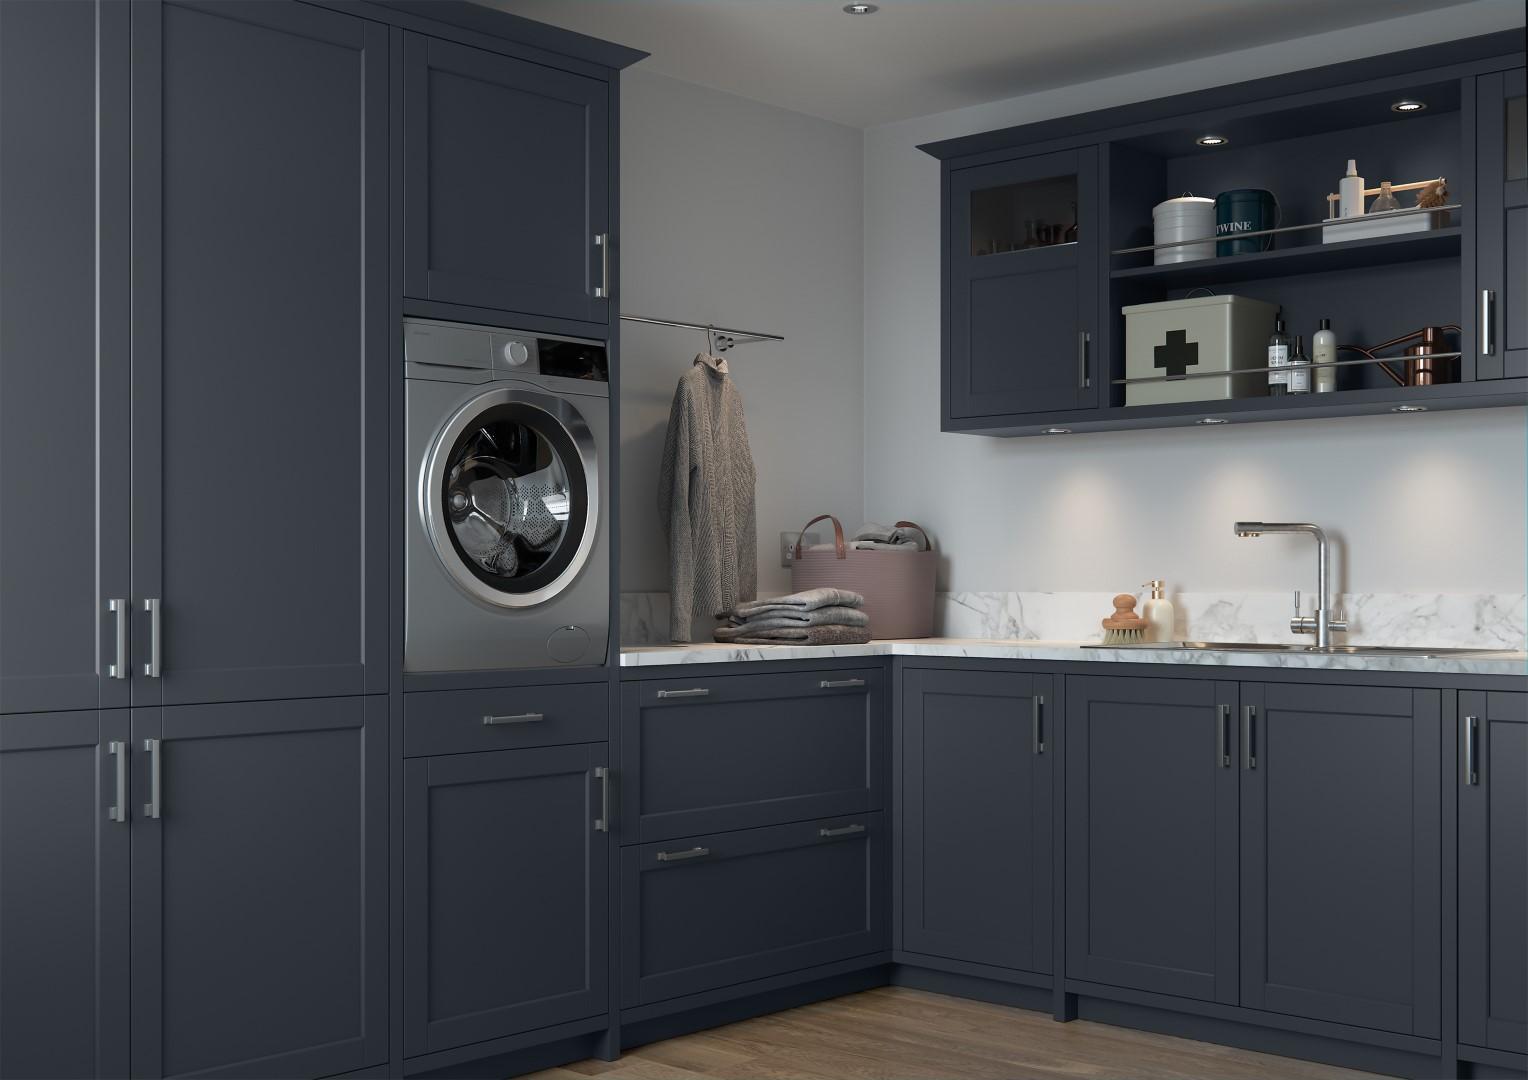 Dawson Indigo - Kitchen Design - Alan Kelly Kitchens - Waterford - 3